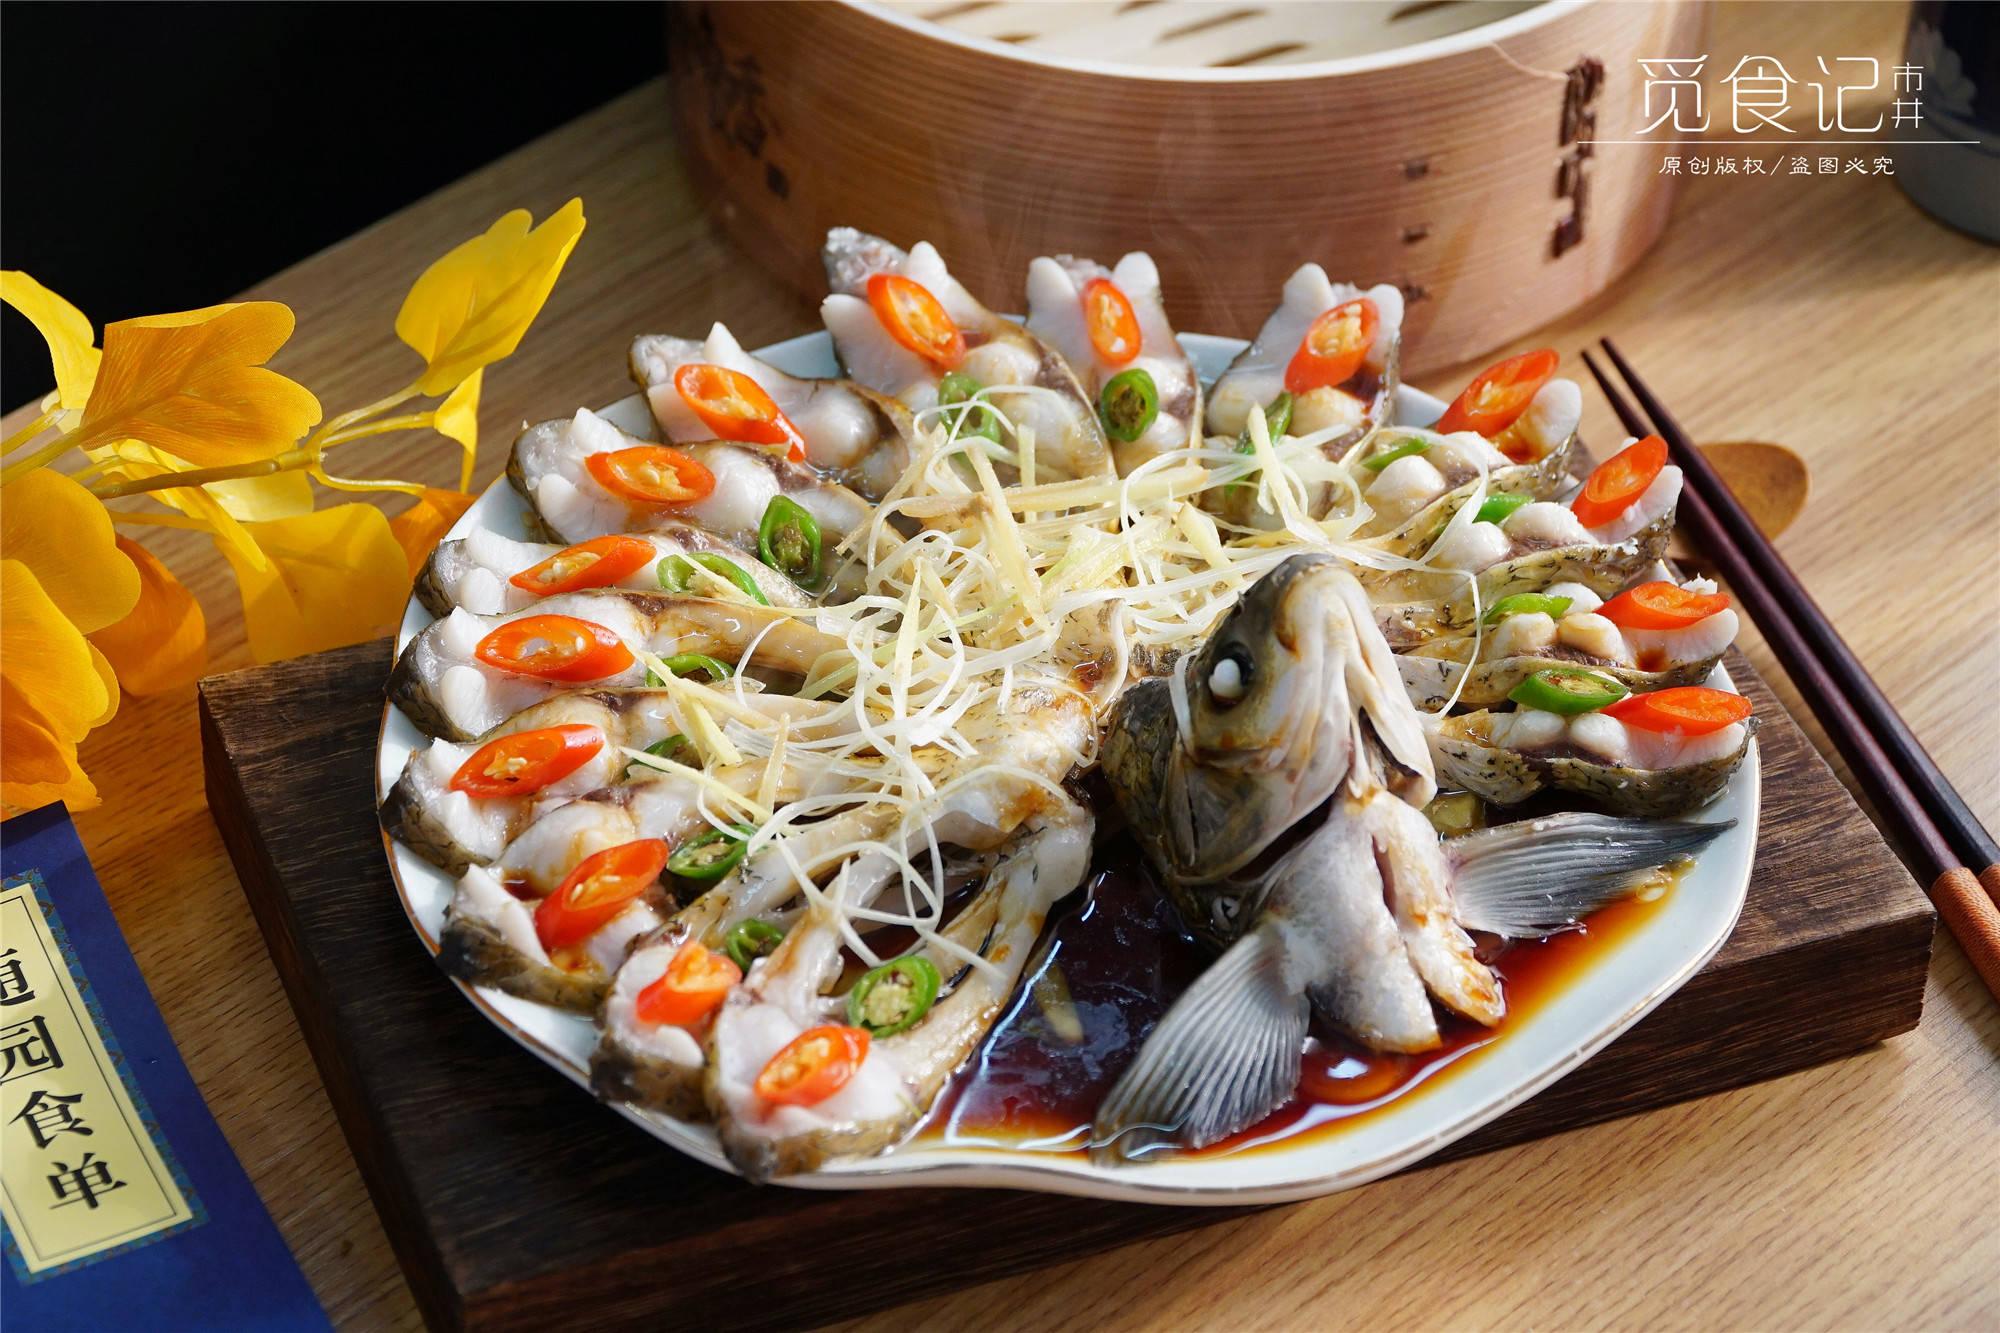 中秋节快到了,推荐8种鱼的做法,好吃又好看,家宴上老少都喜欢